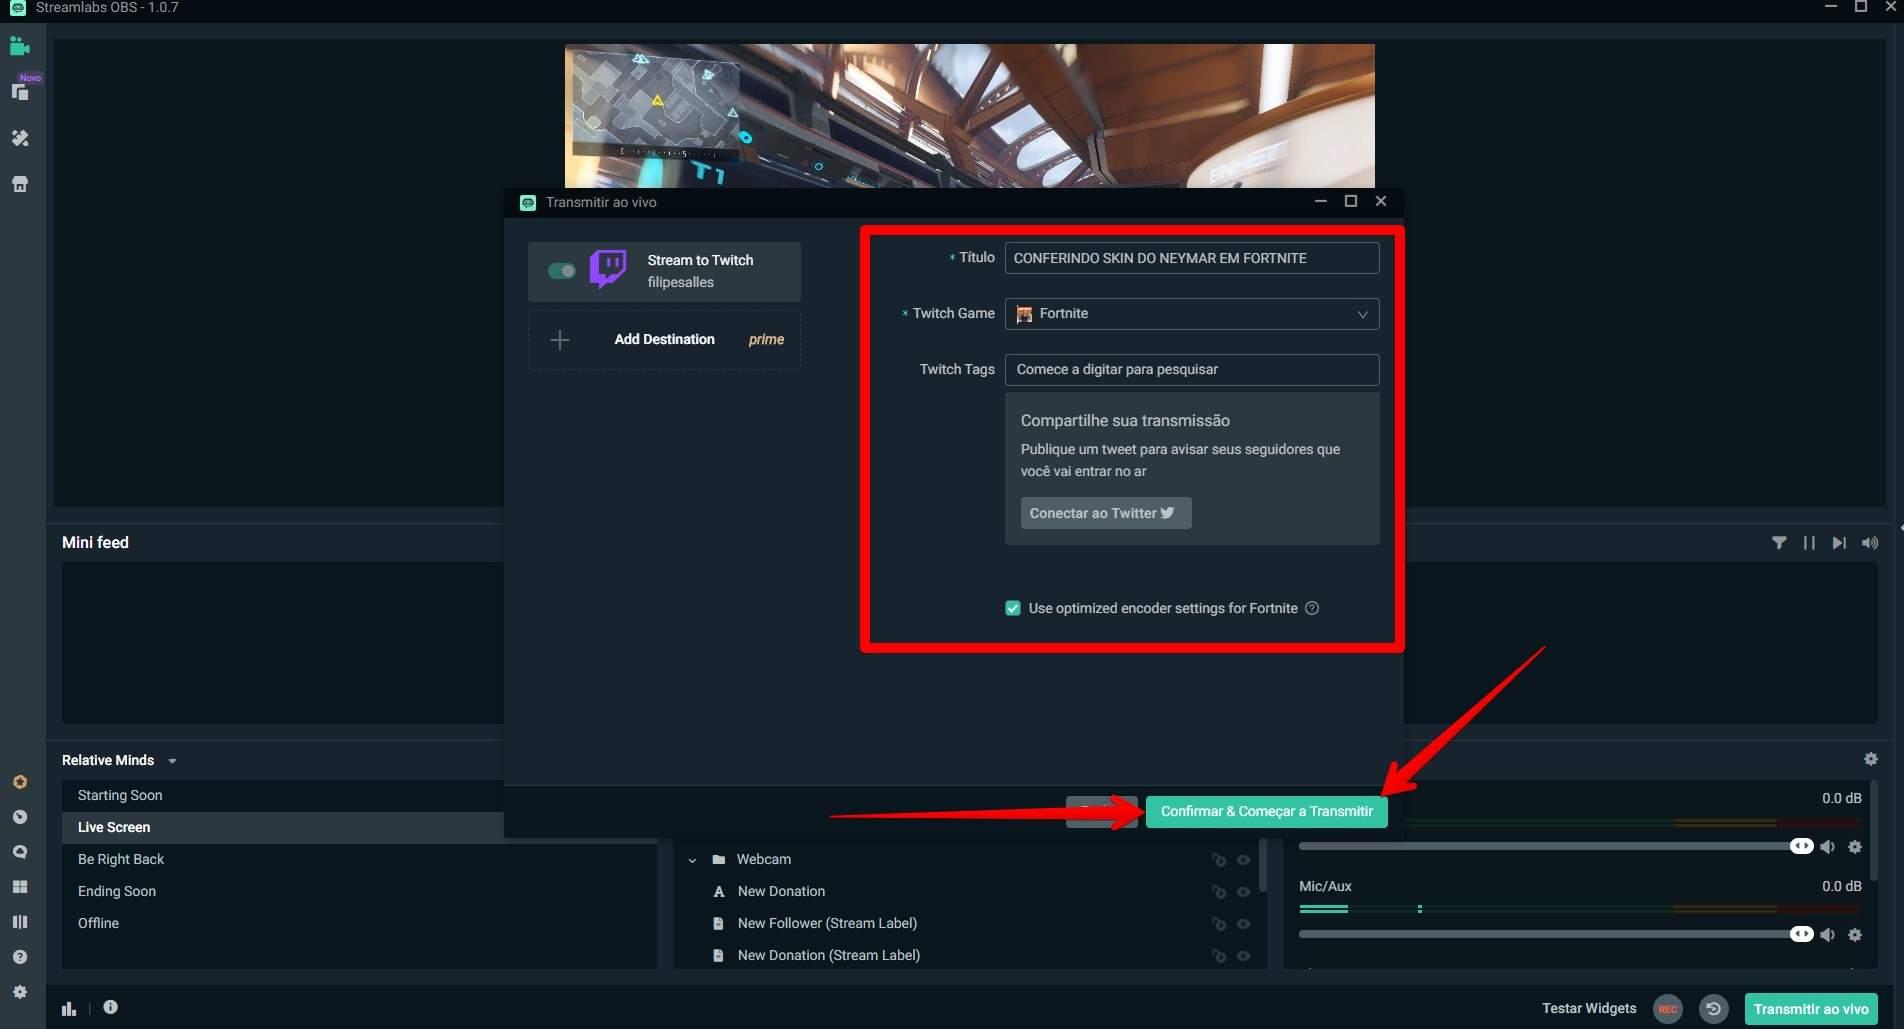 """Clique no botão """"Confirmar & Começar a Transmitir"""" para aparecer a janela de configuração final. (Foto: Reprodução/Filipe Salles)"""